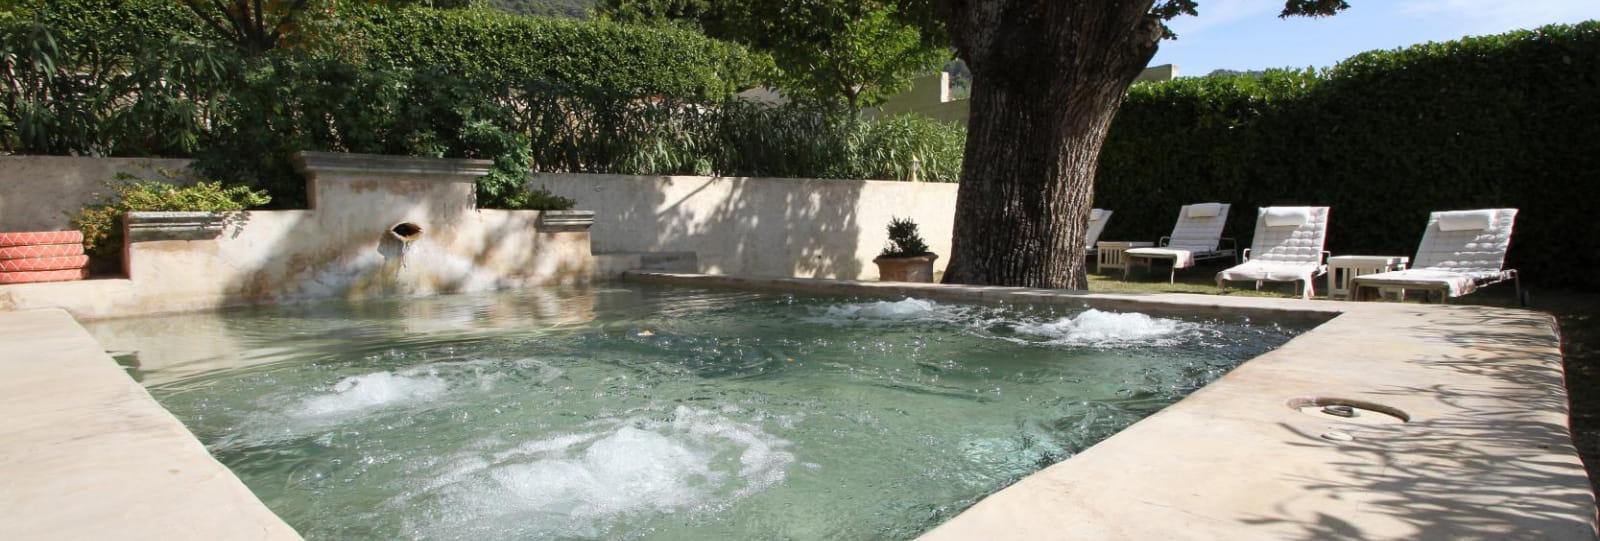 Le bassin fontaine et ses bulles relaxantes